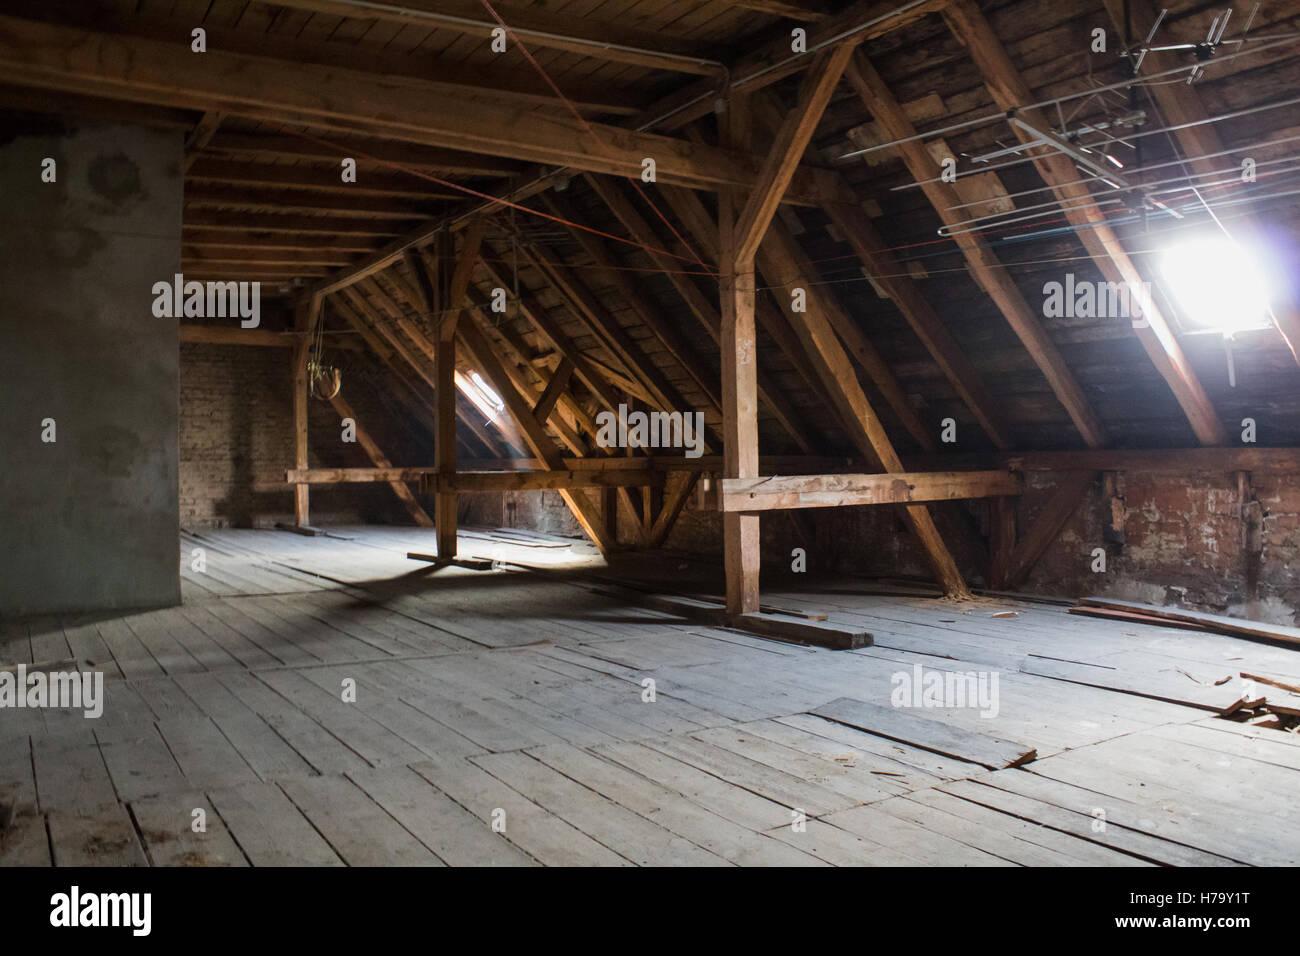 Anspruchsvoll Dachboden Sammlung Von Dachboden, Holzbalken Im Alten / Dach Vor